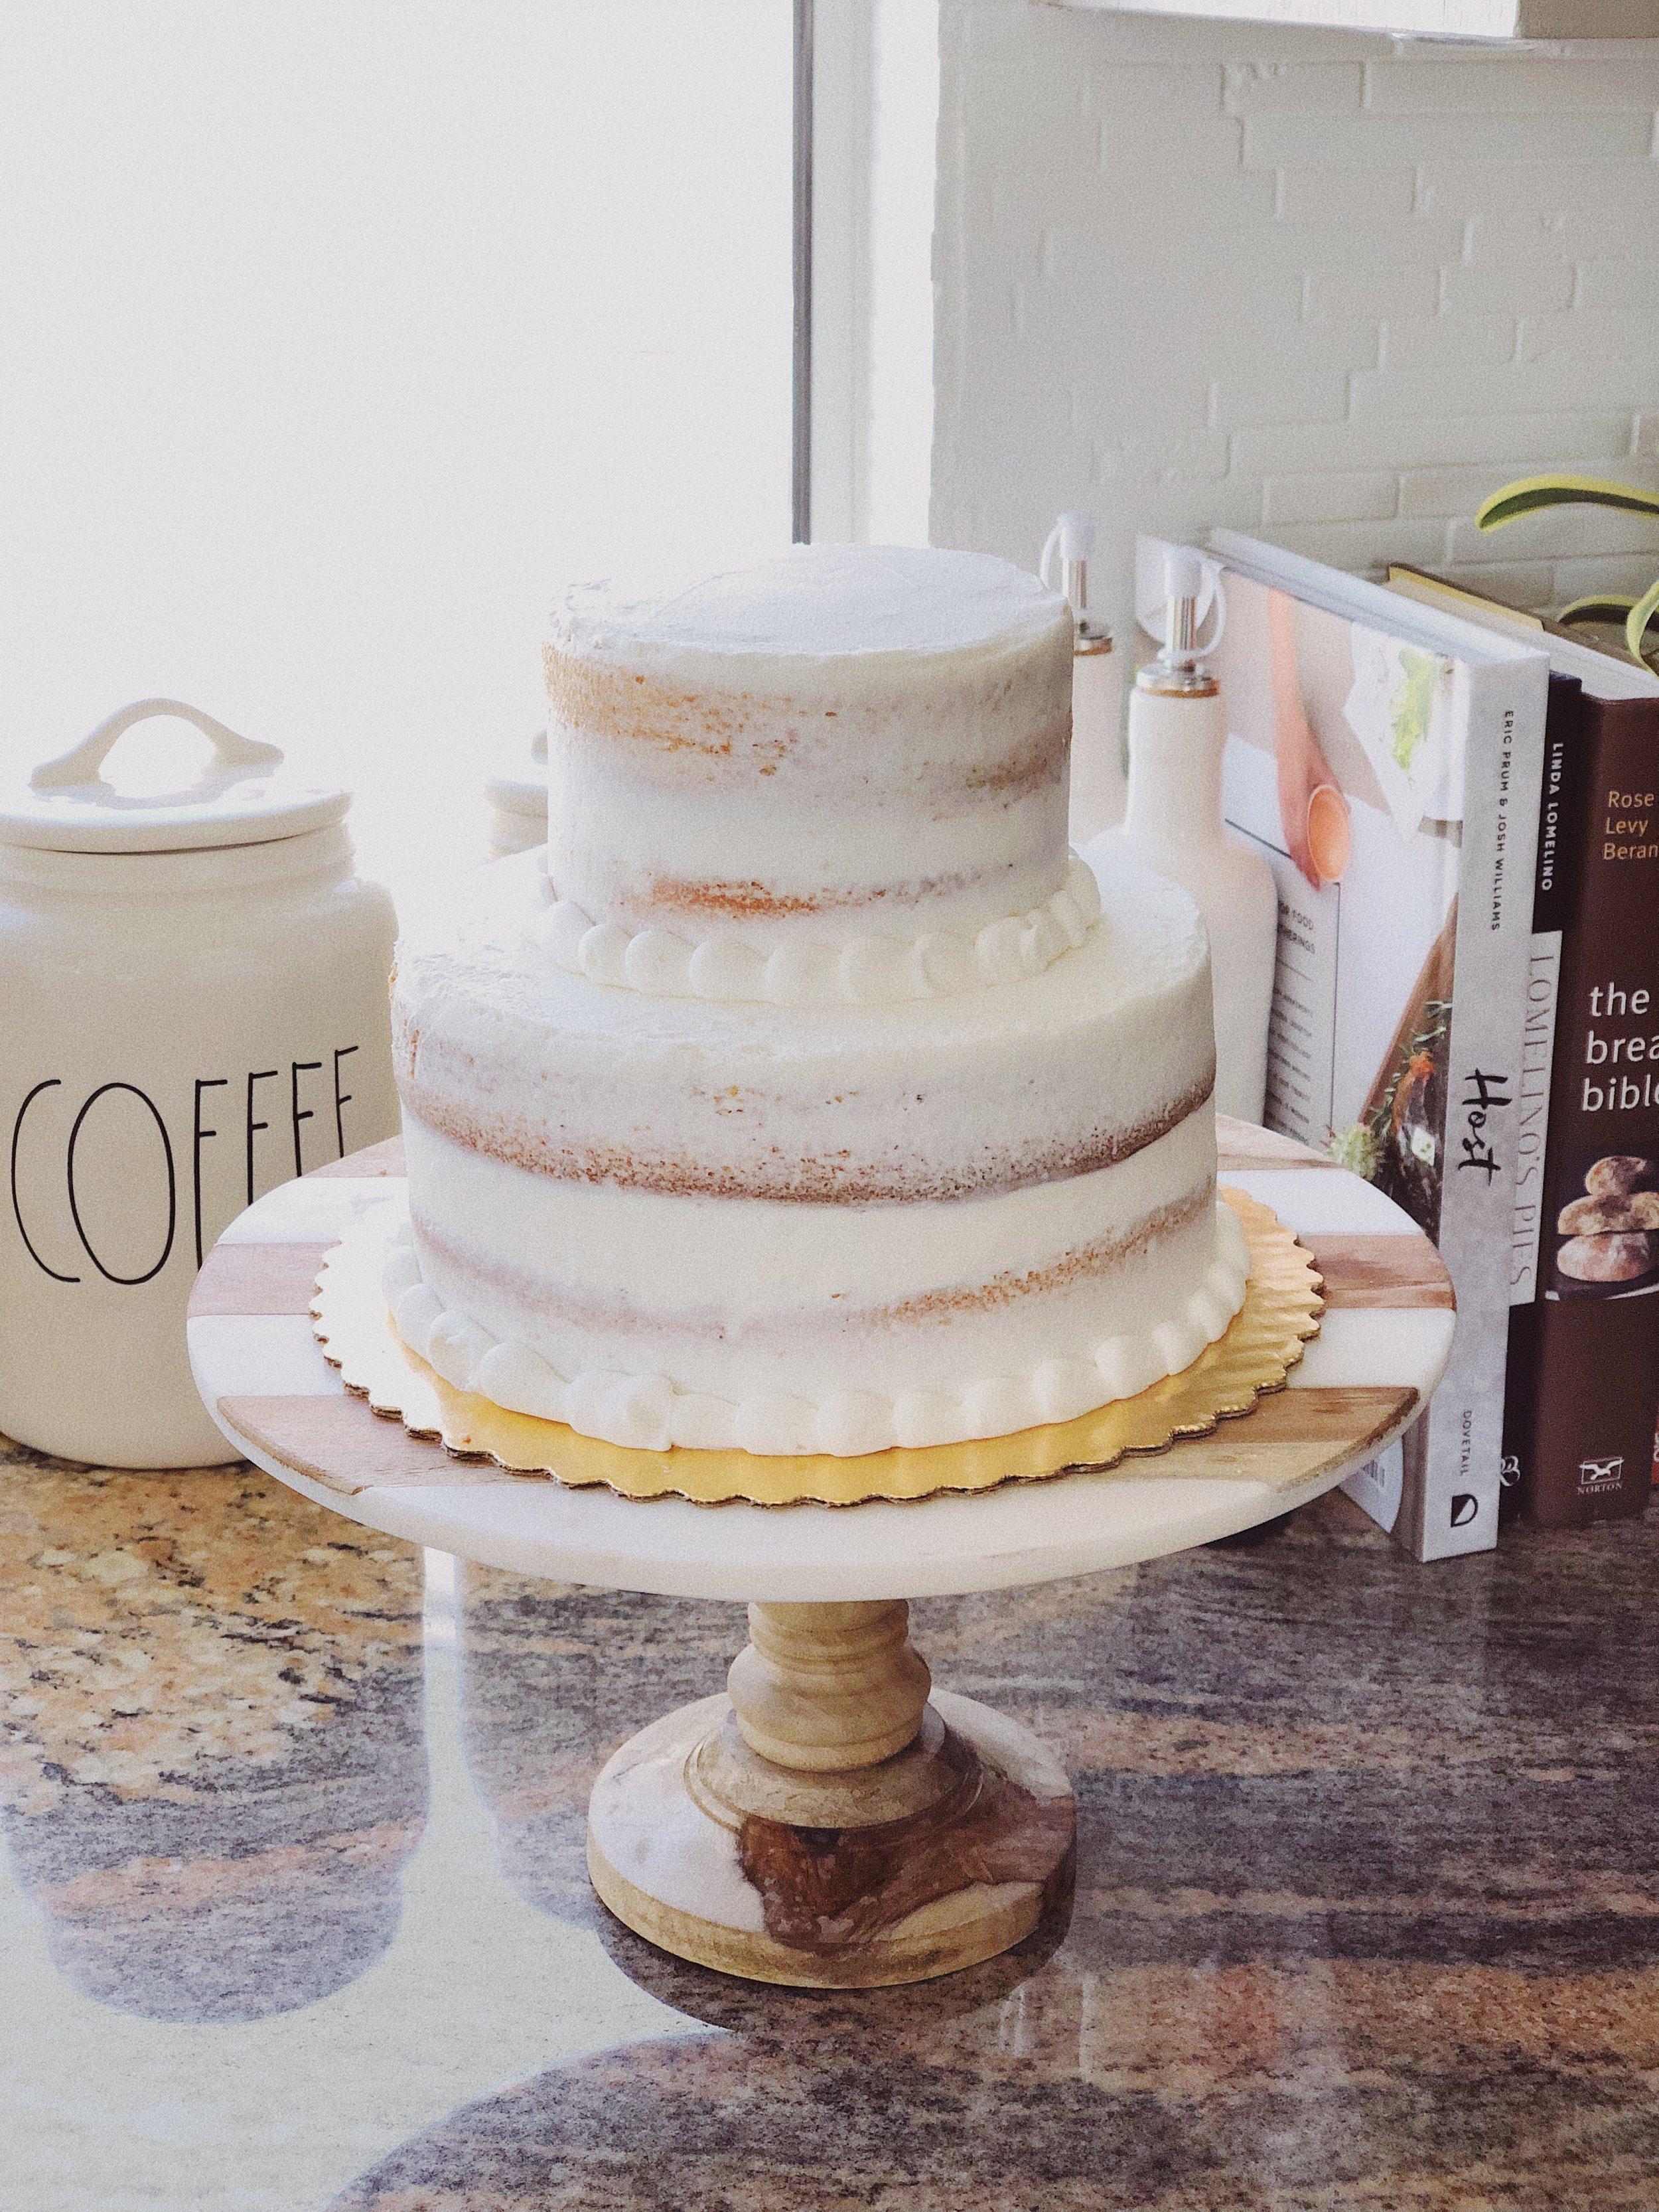 Naked Cake-Layered Naked Cake-Cake Decorating.JPG